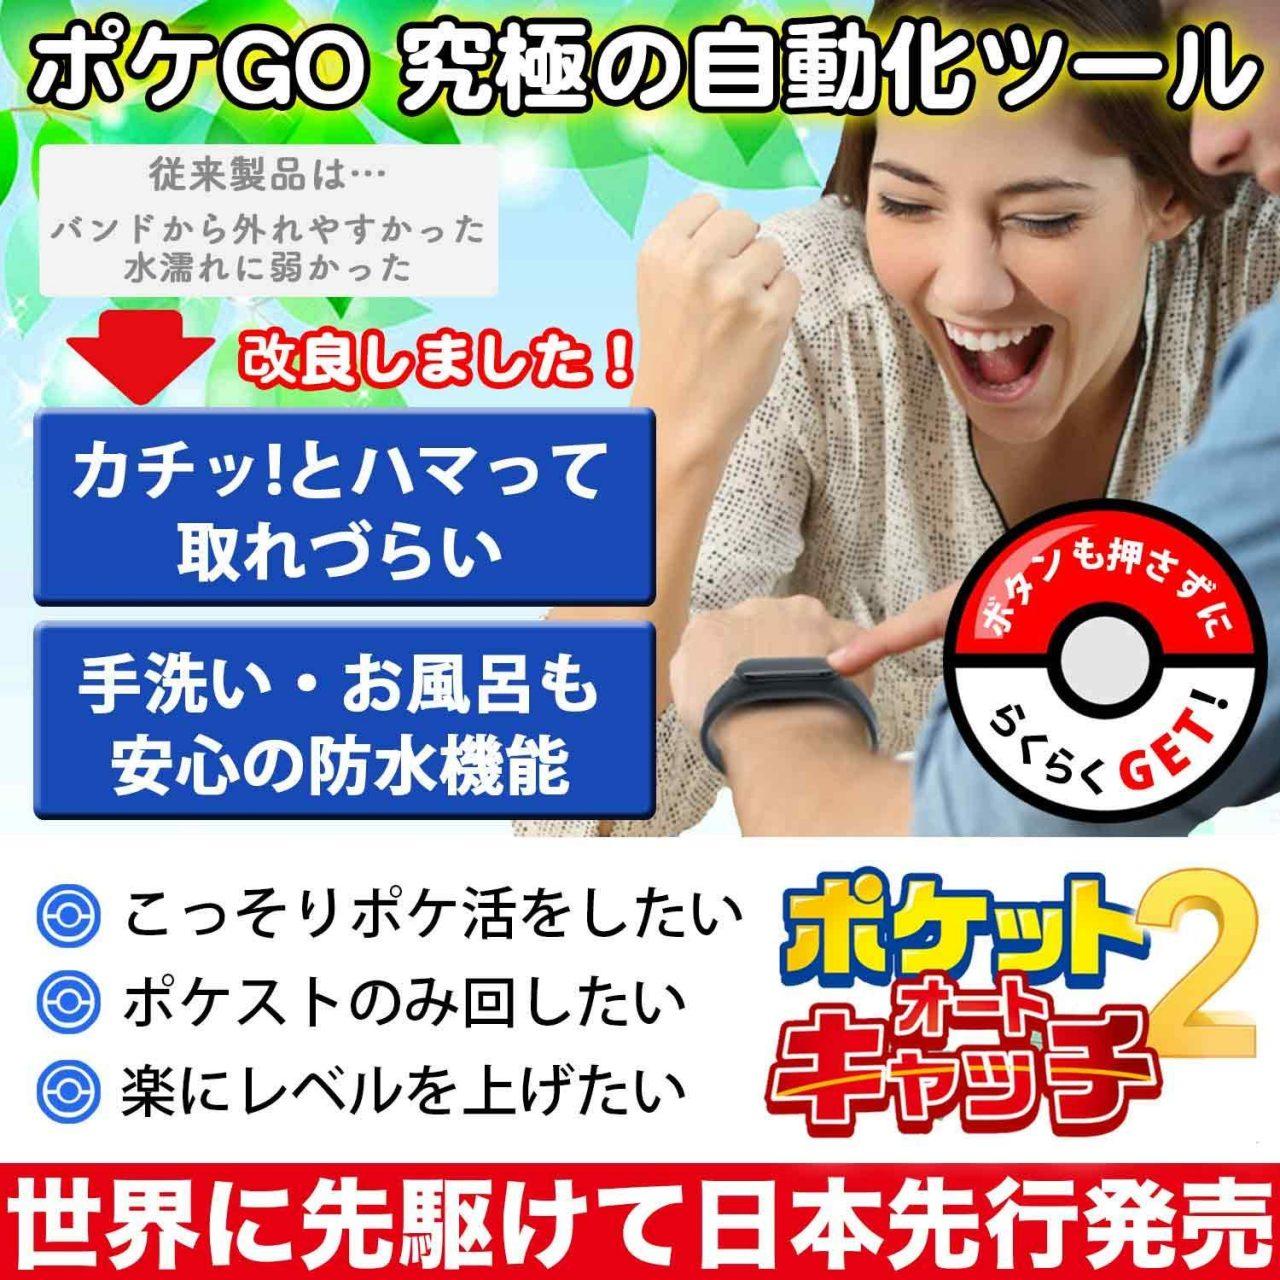 『ポケモンGO』用自動化ツール「ポケットオートキャッチ2」の販売を開始!